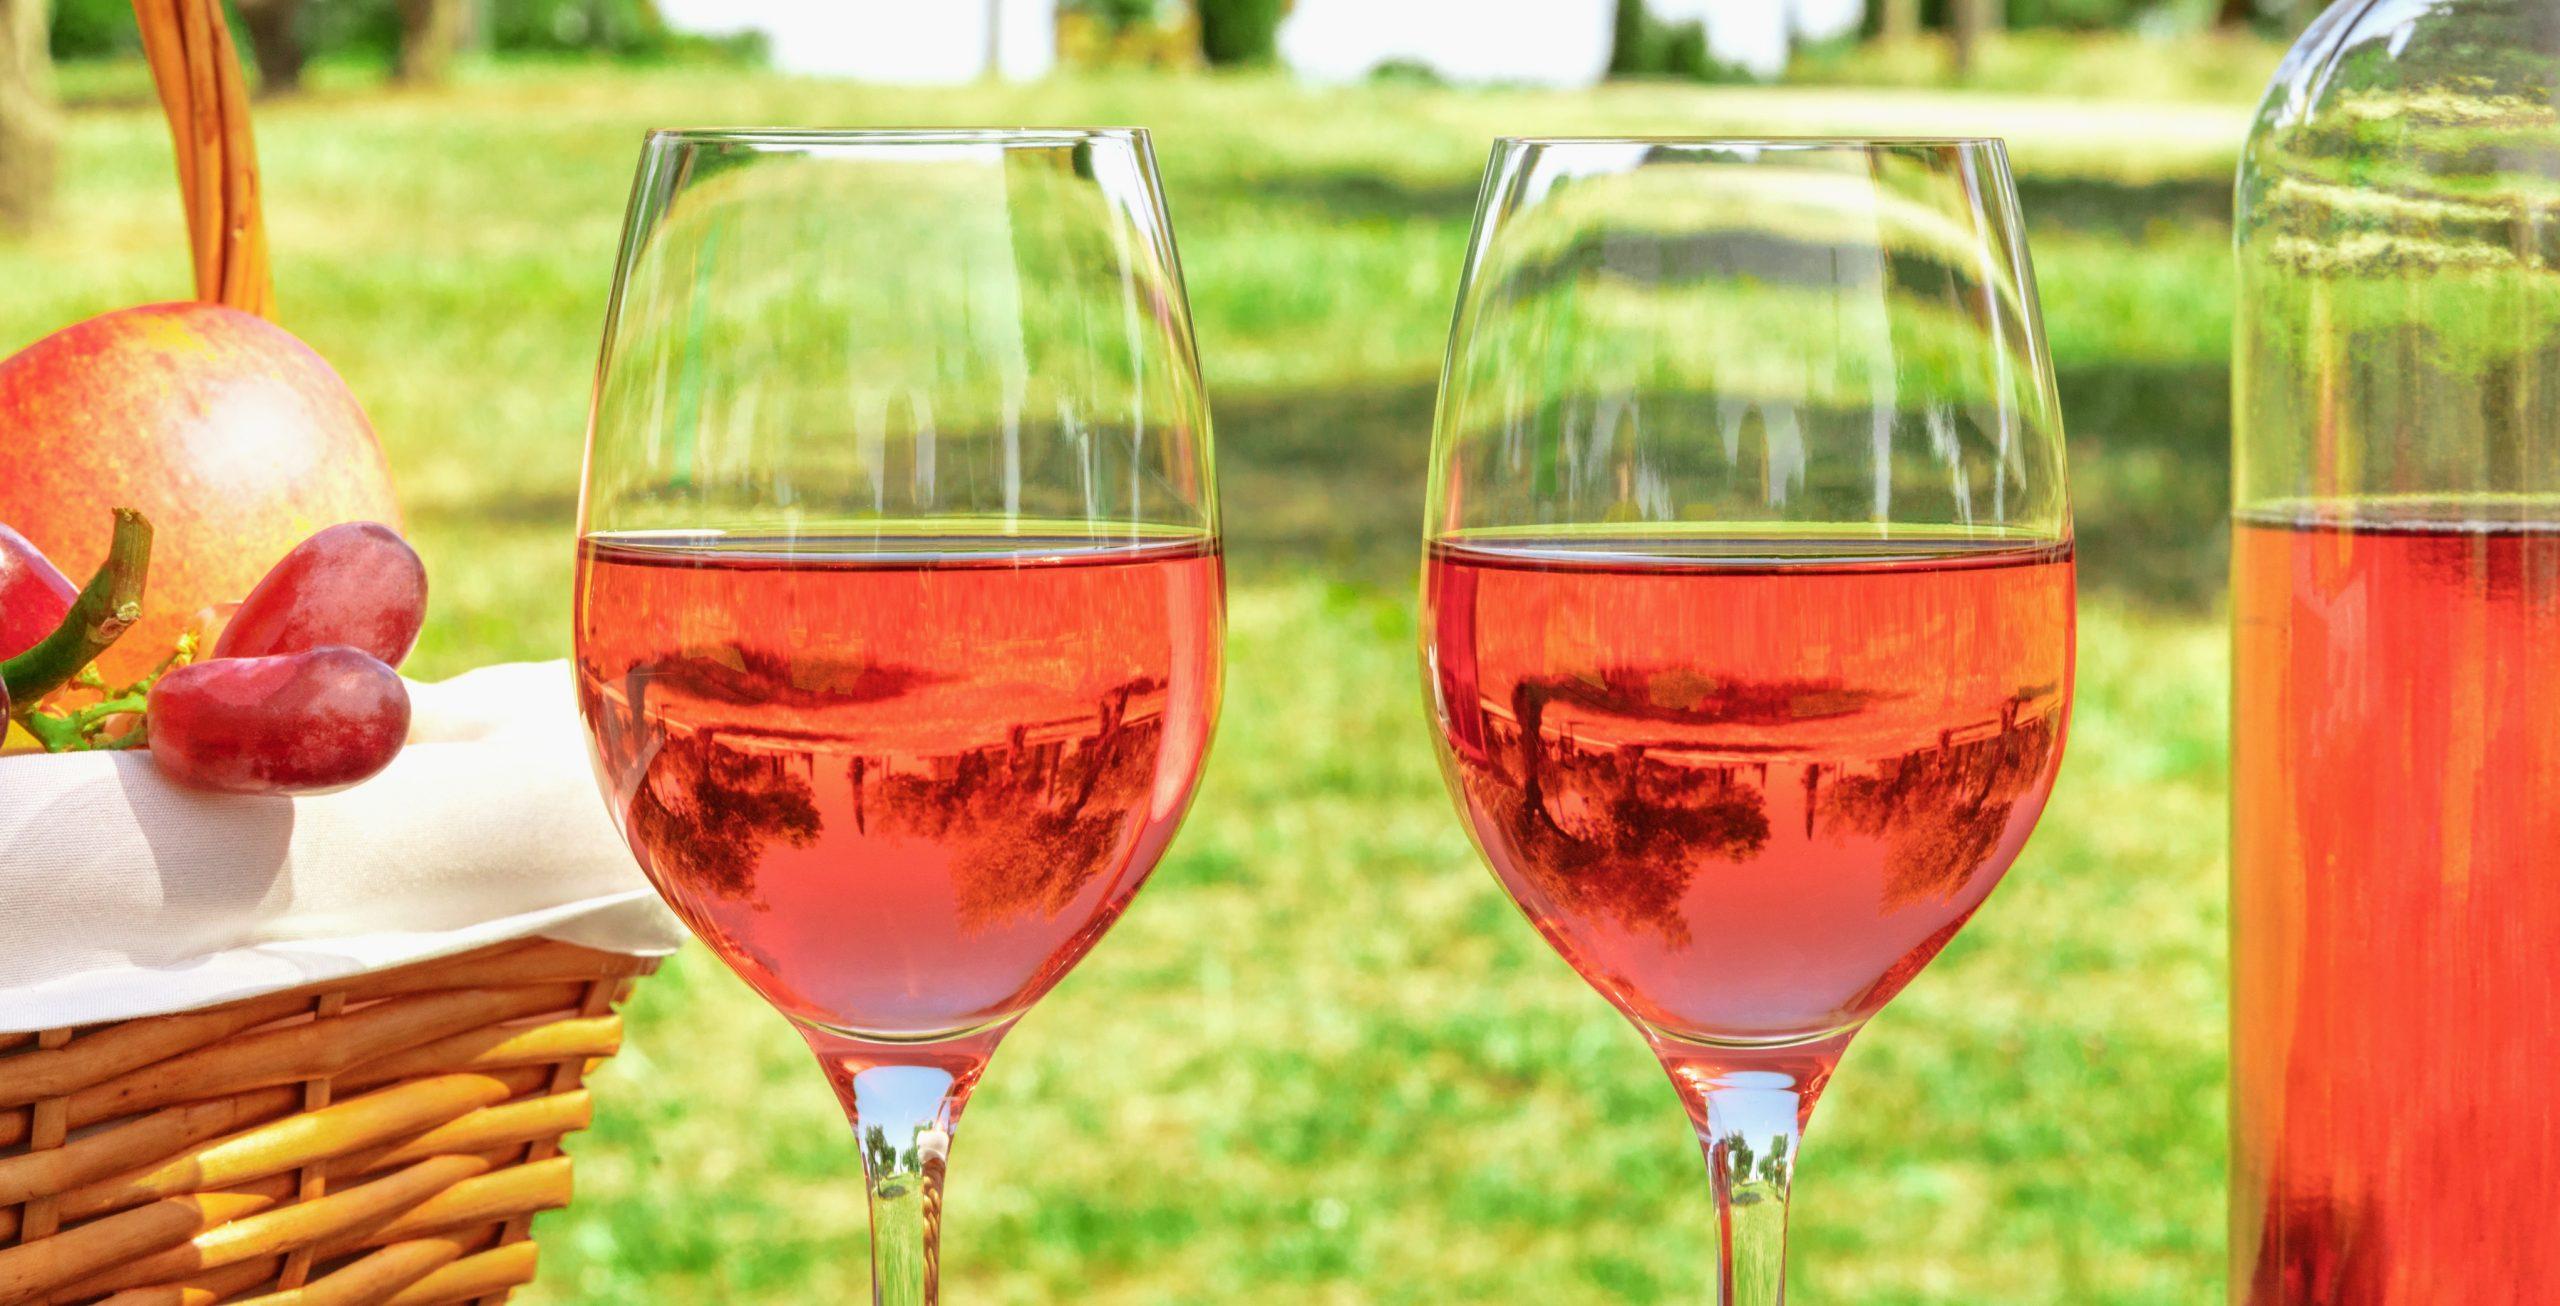 Copas de vino rosado al aire libre